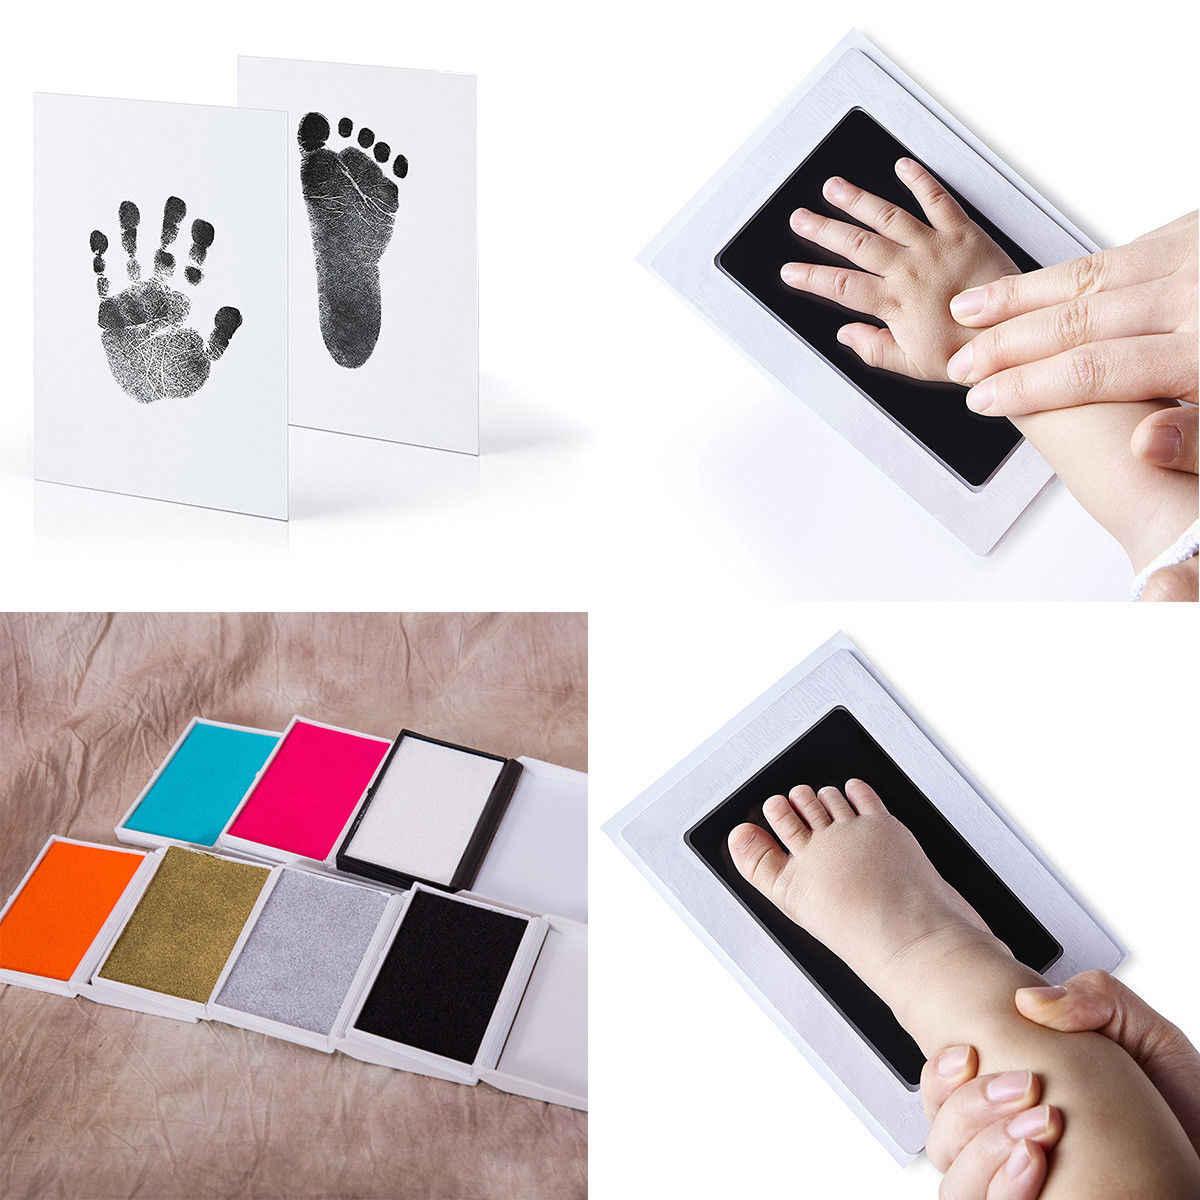 2019 มาถึงเด็กแผ่นชุดปลอดสารพิษ Handprint รอยเท้าฟรีแสตมป์สำหรับทารก